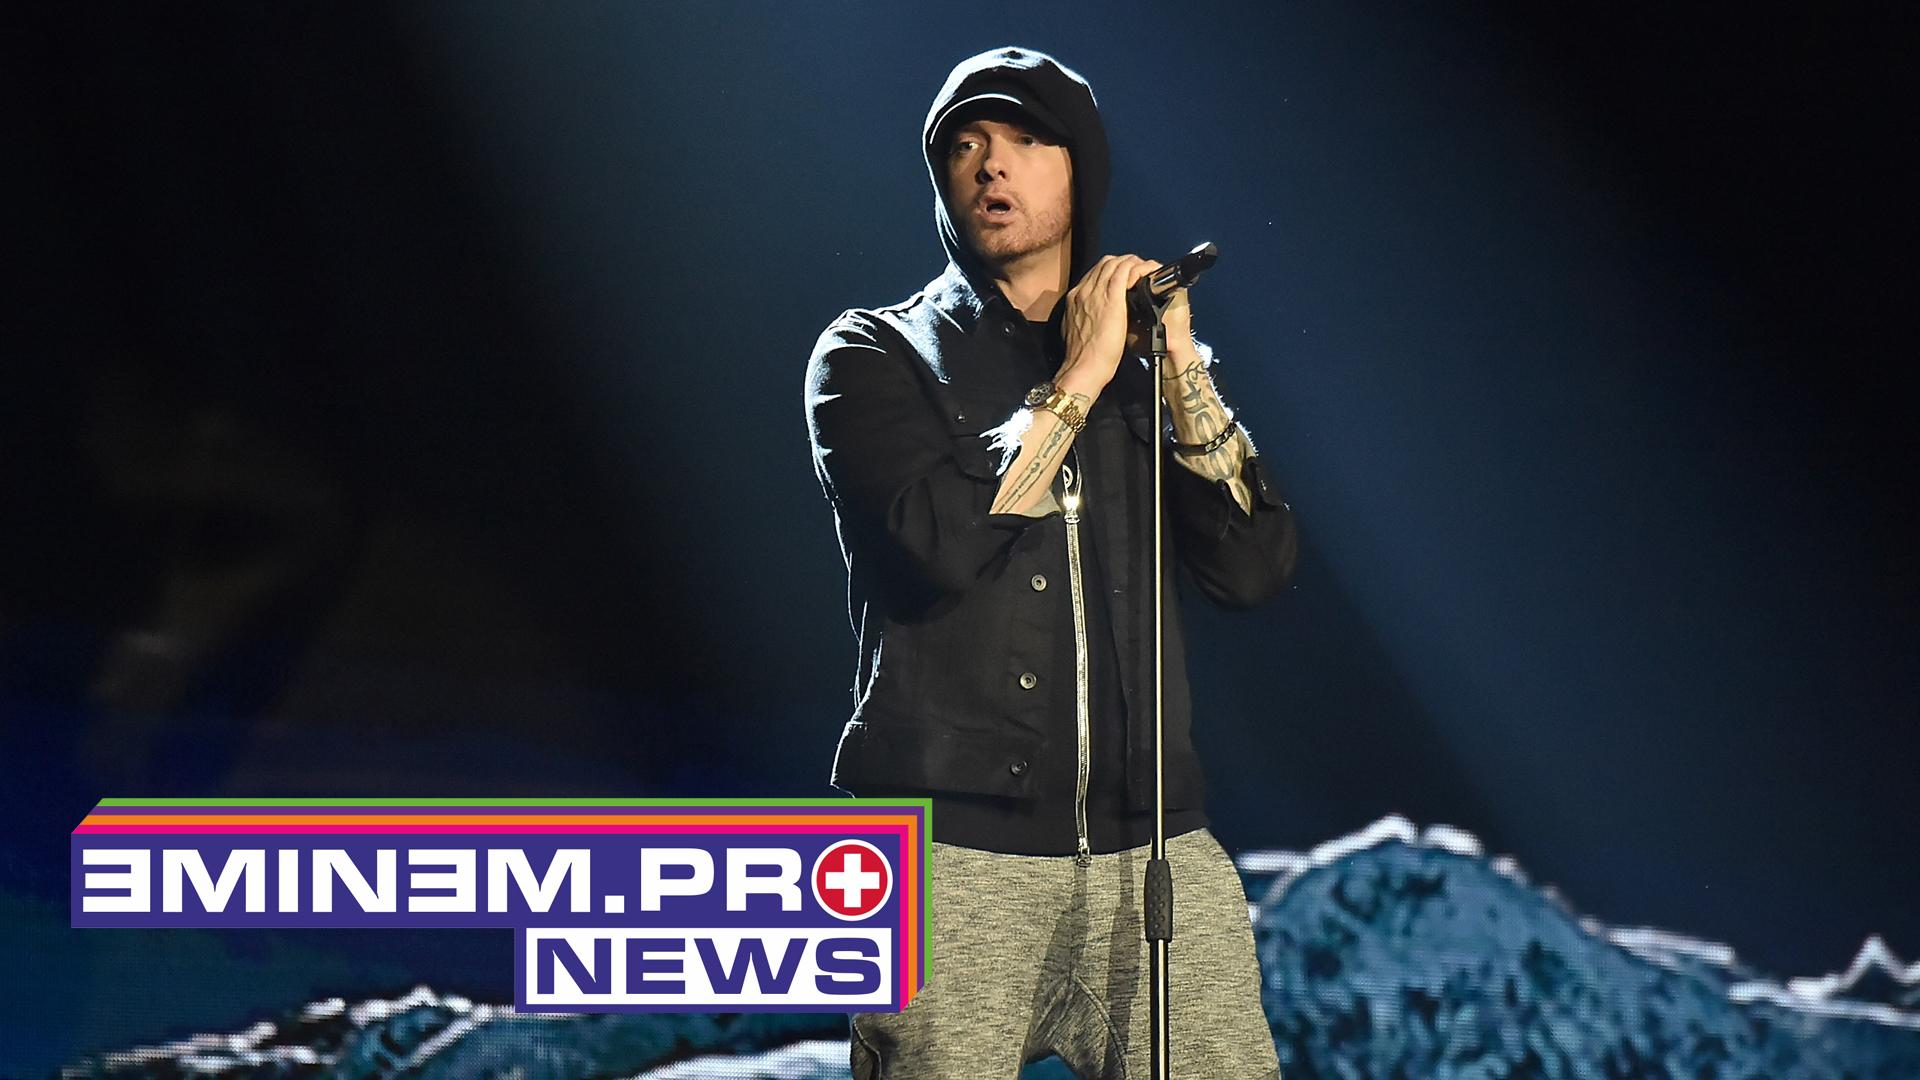 Eminem might perform at MTV VMA 2018!